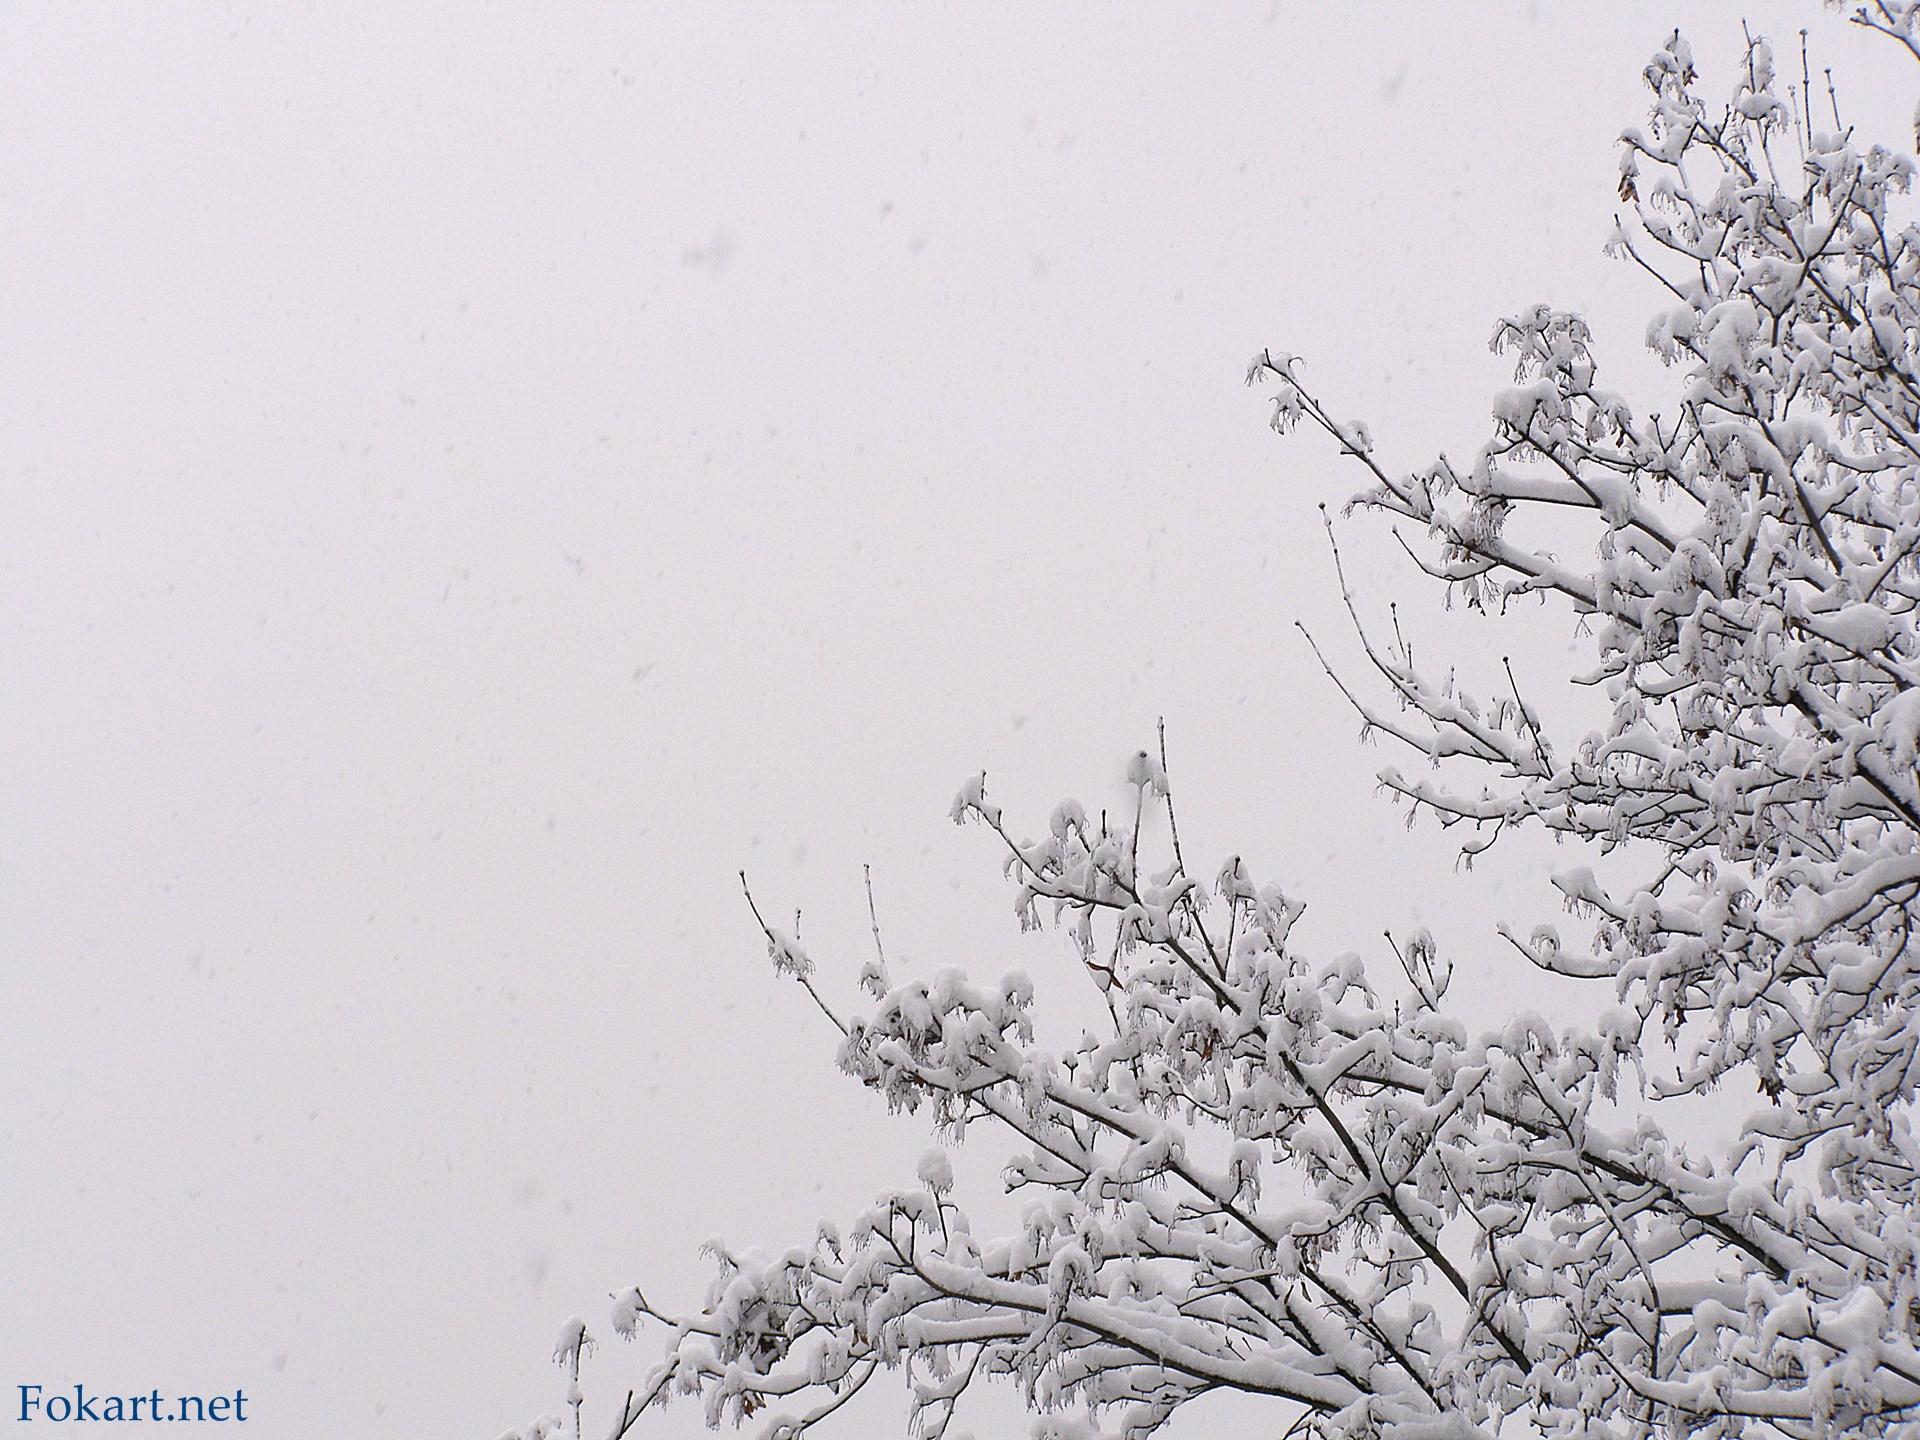 Сильный снегопад, плохая видимость. Заснеженные ветки на фоне сероватого неба